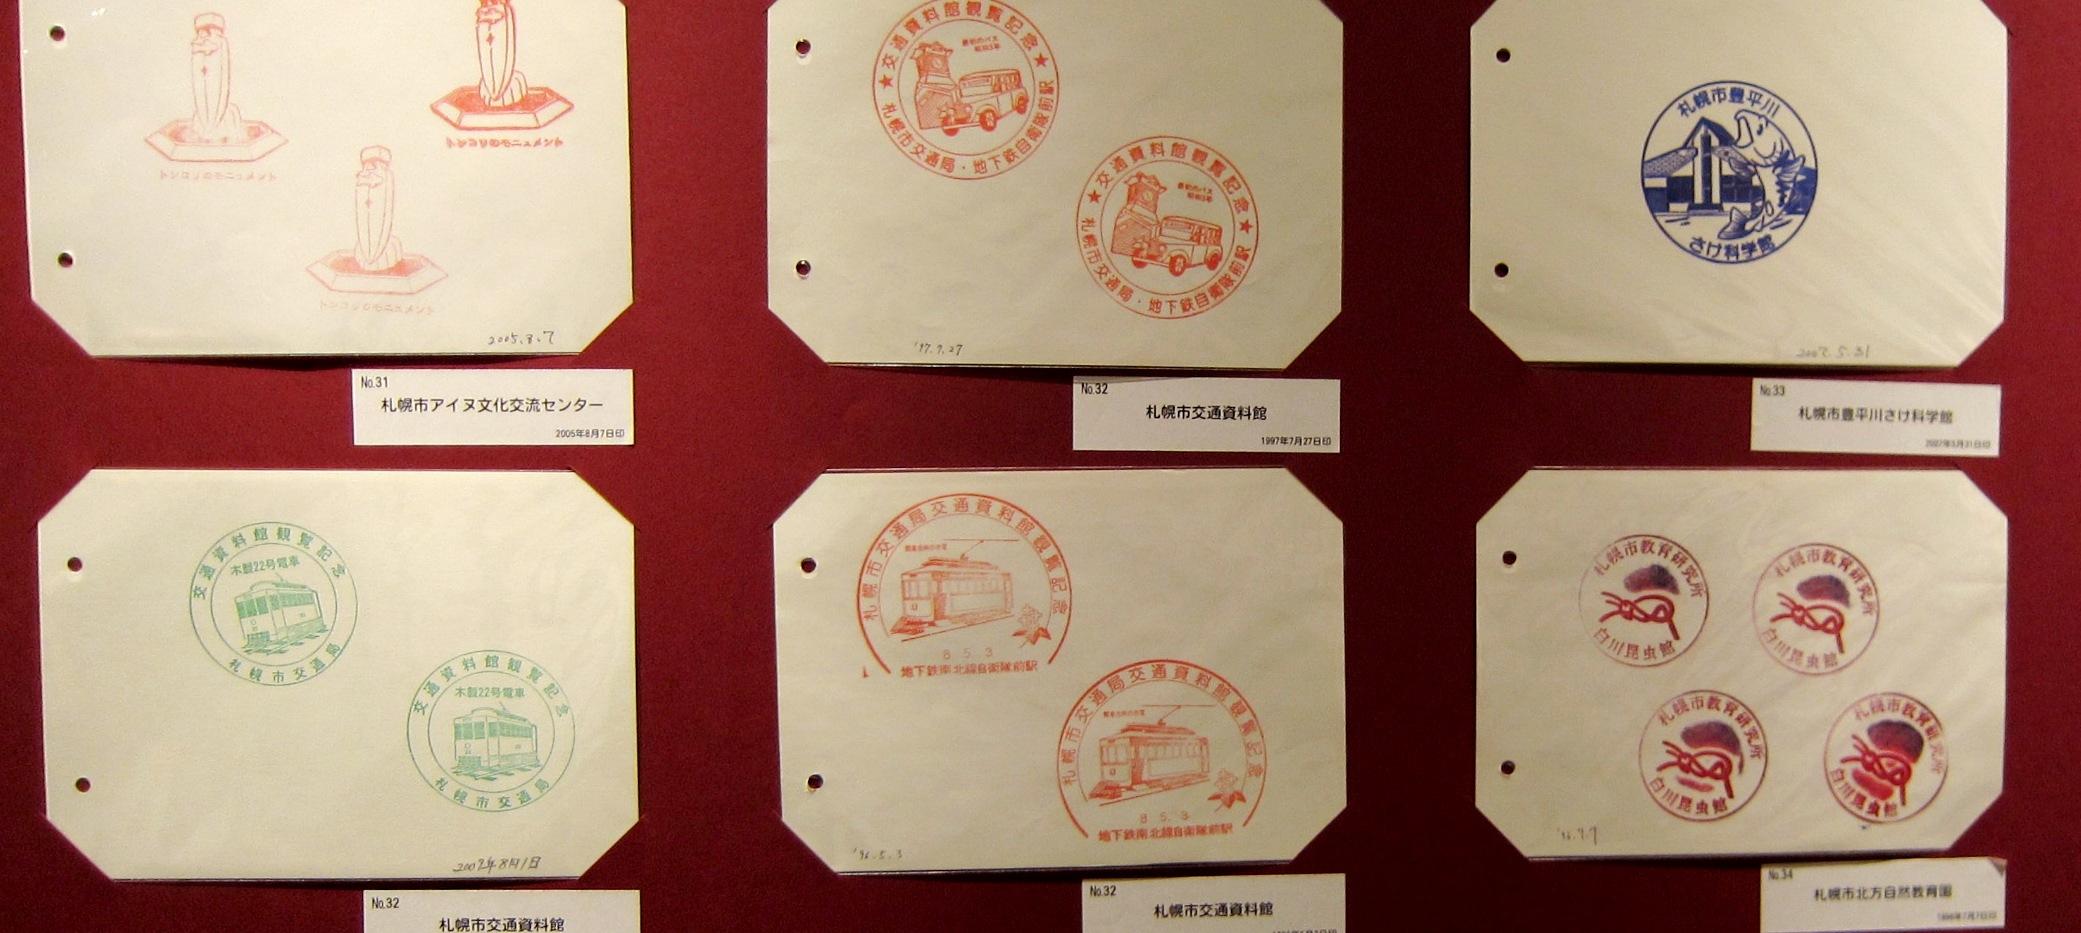 2037)「ミュージアム スタンプ展 ~ドクターコン コレクション~」 新さっぽろg. 5月1日(水)~5月13日(月)_f0126829_2224348.jpg